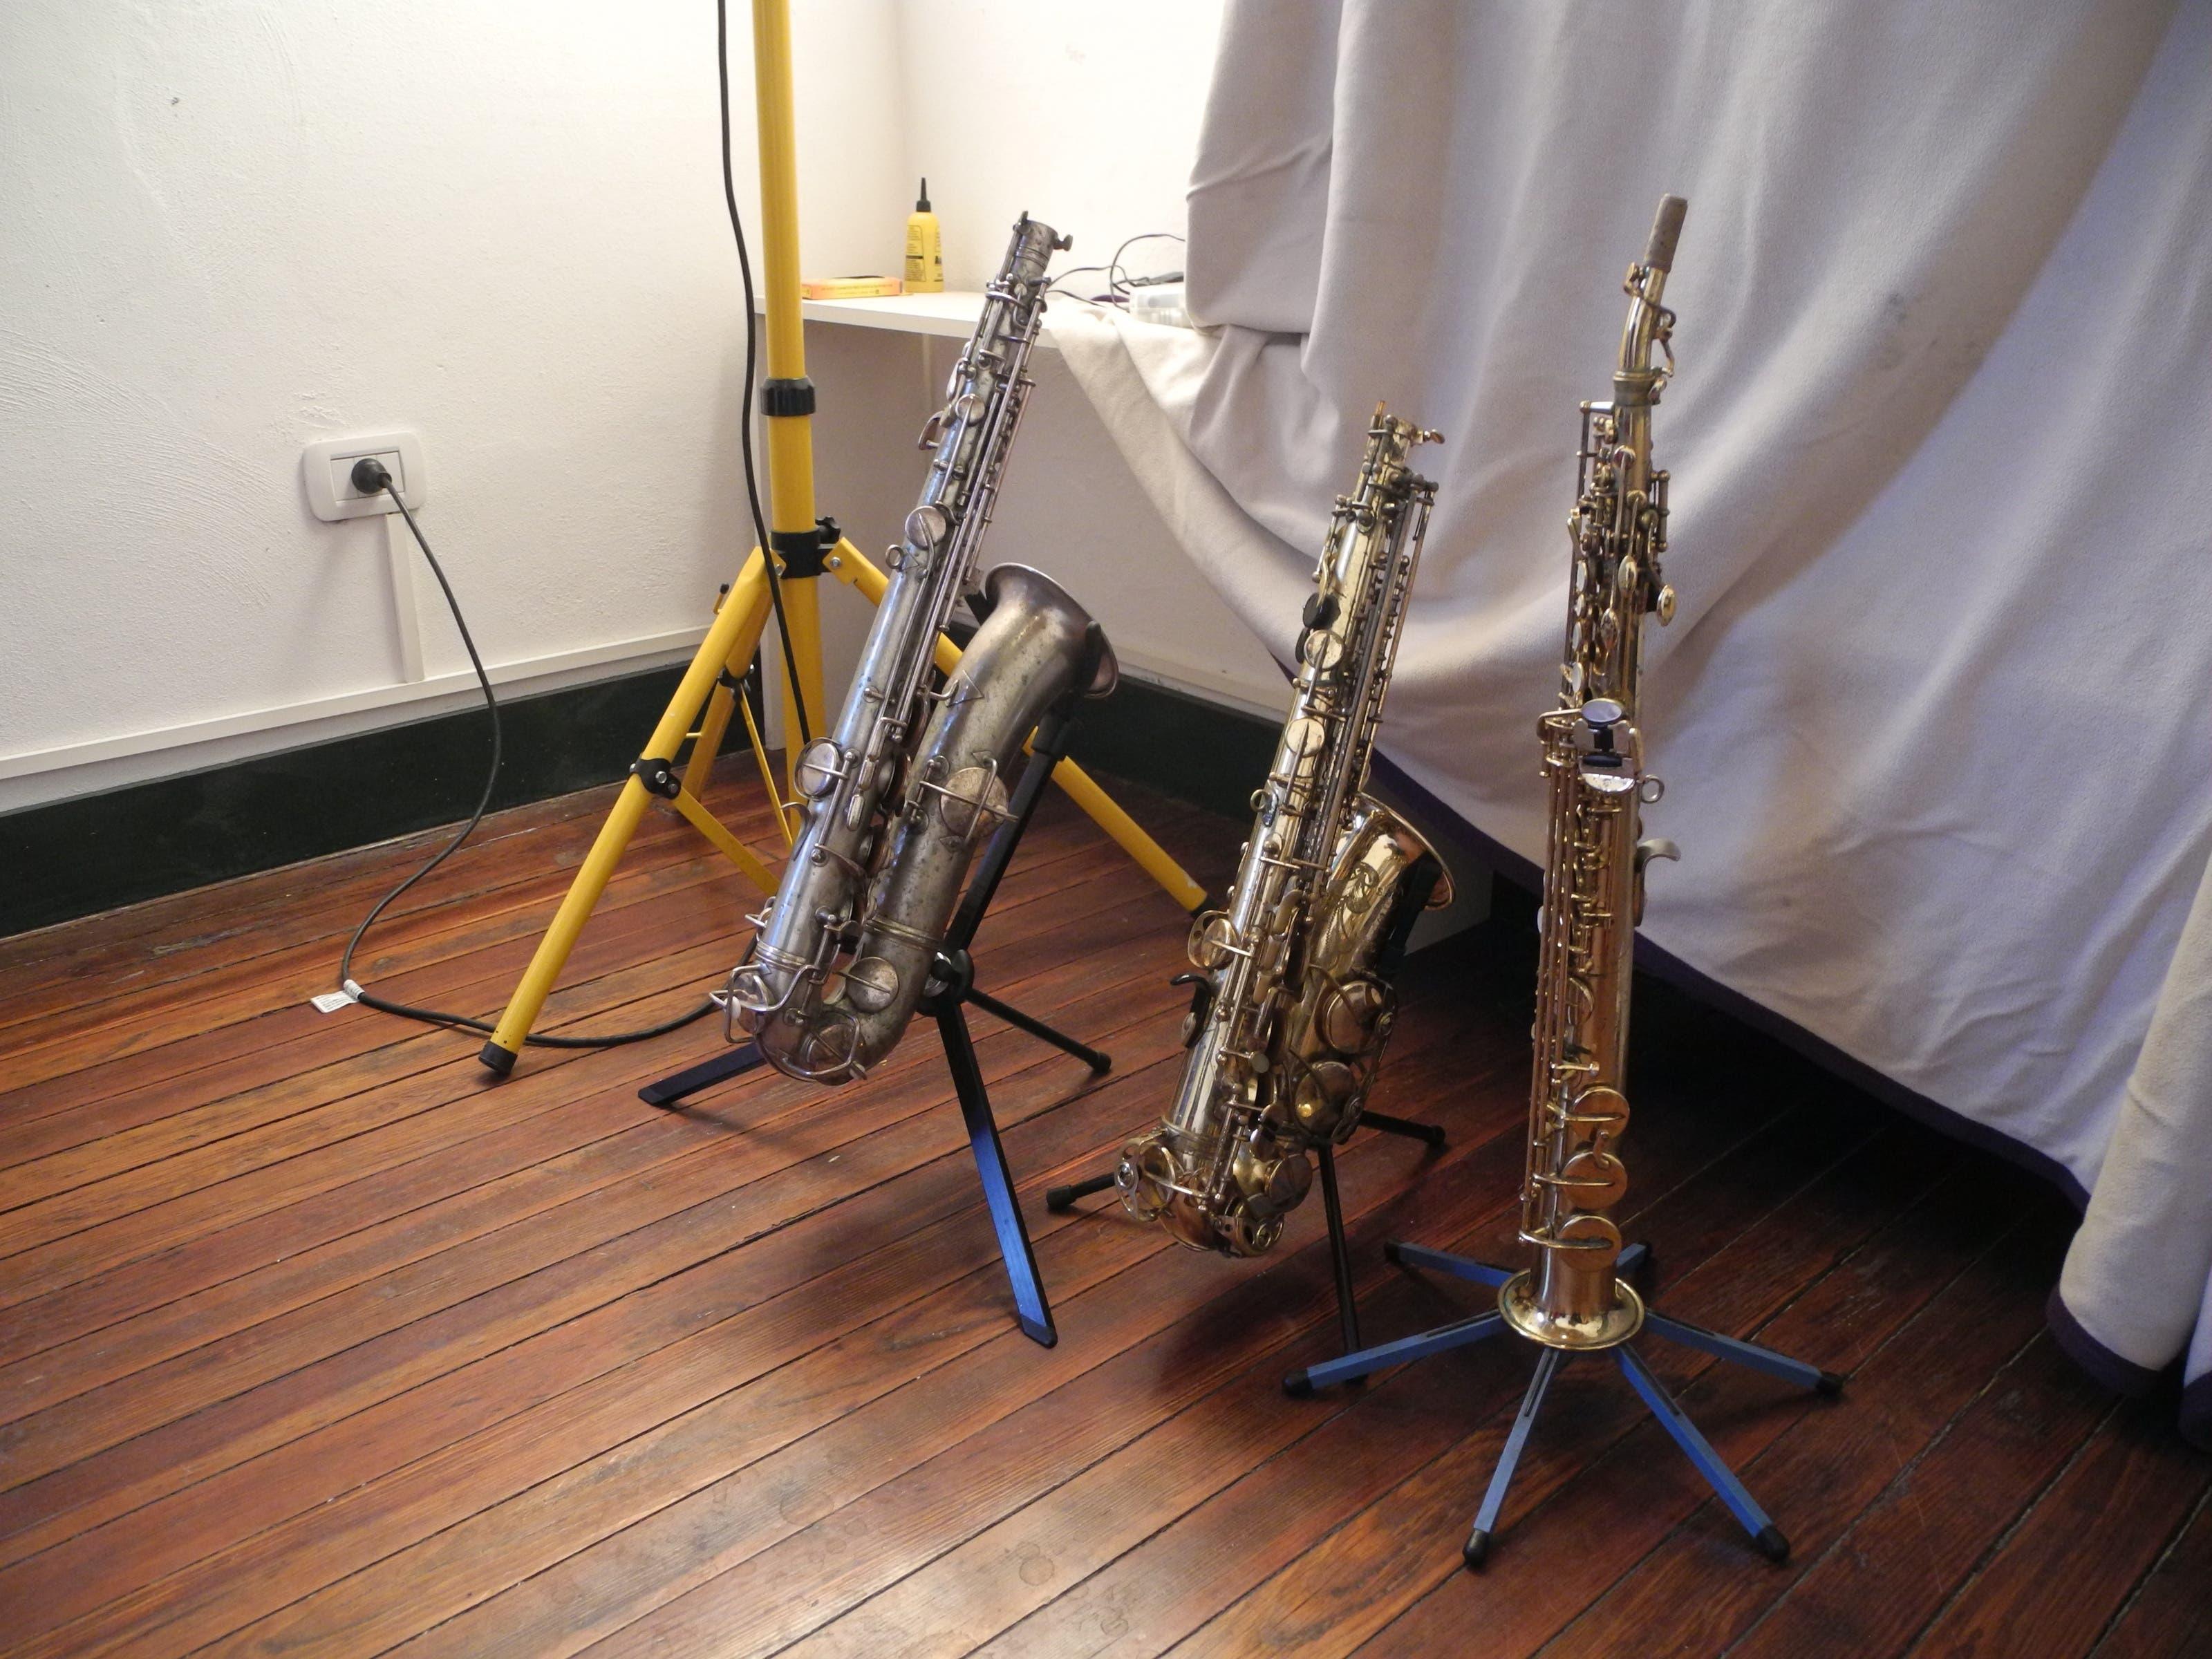 Spielbereit stehen die Instrumente aufgestellt